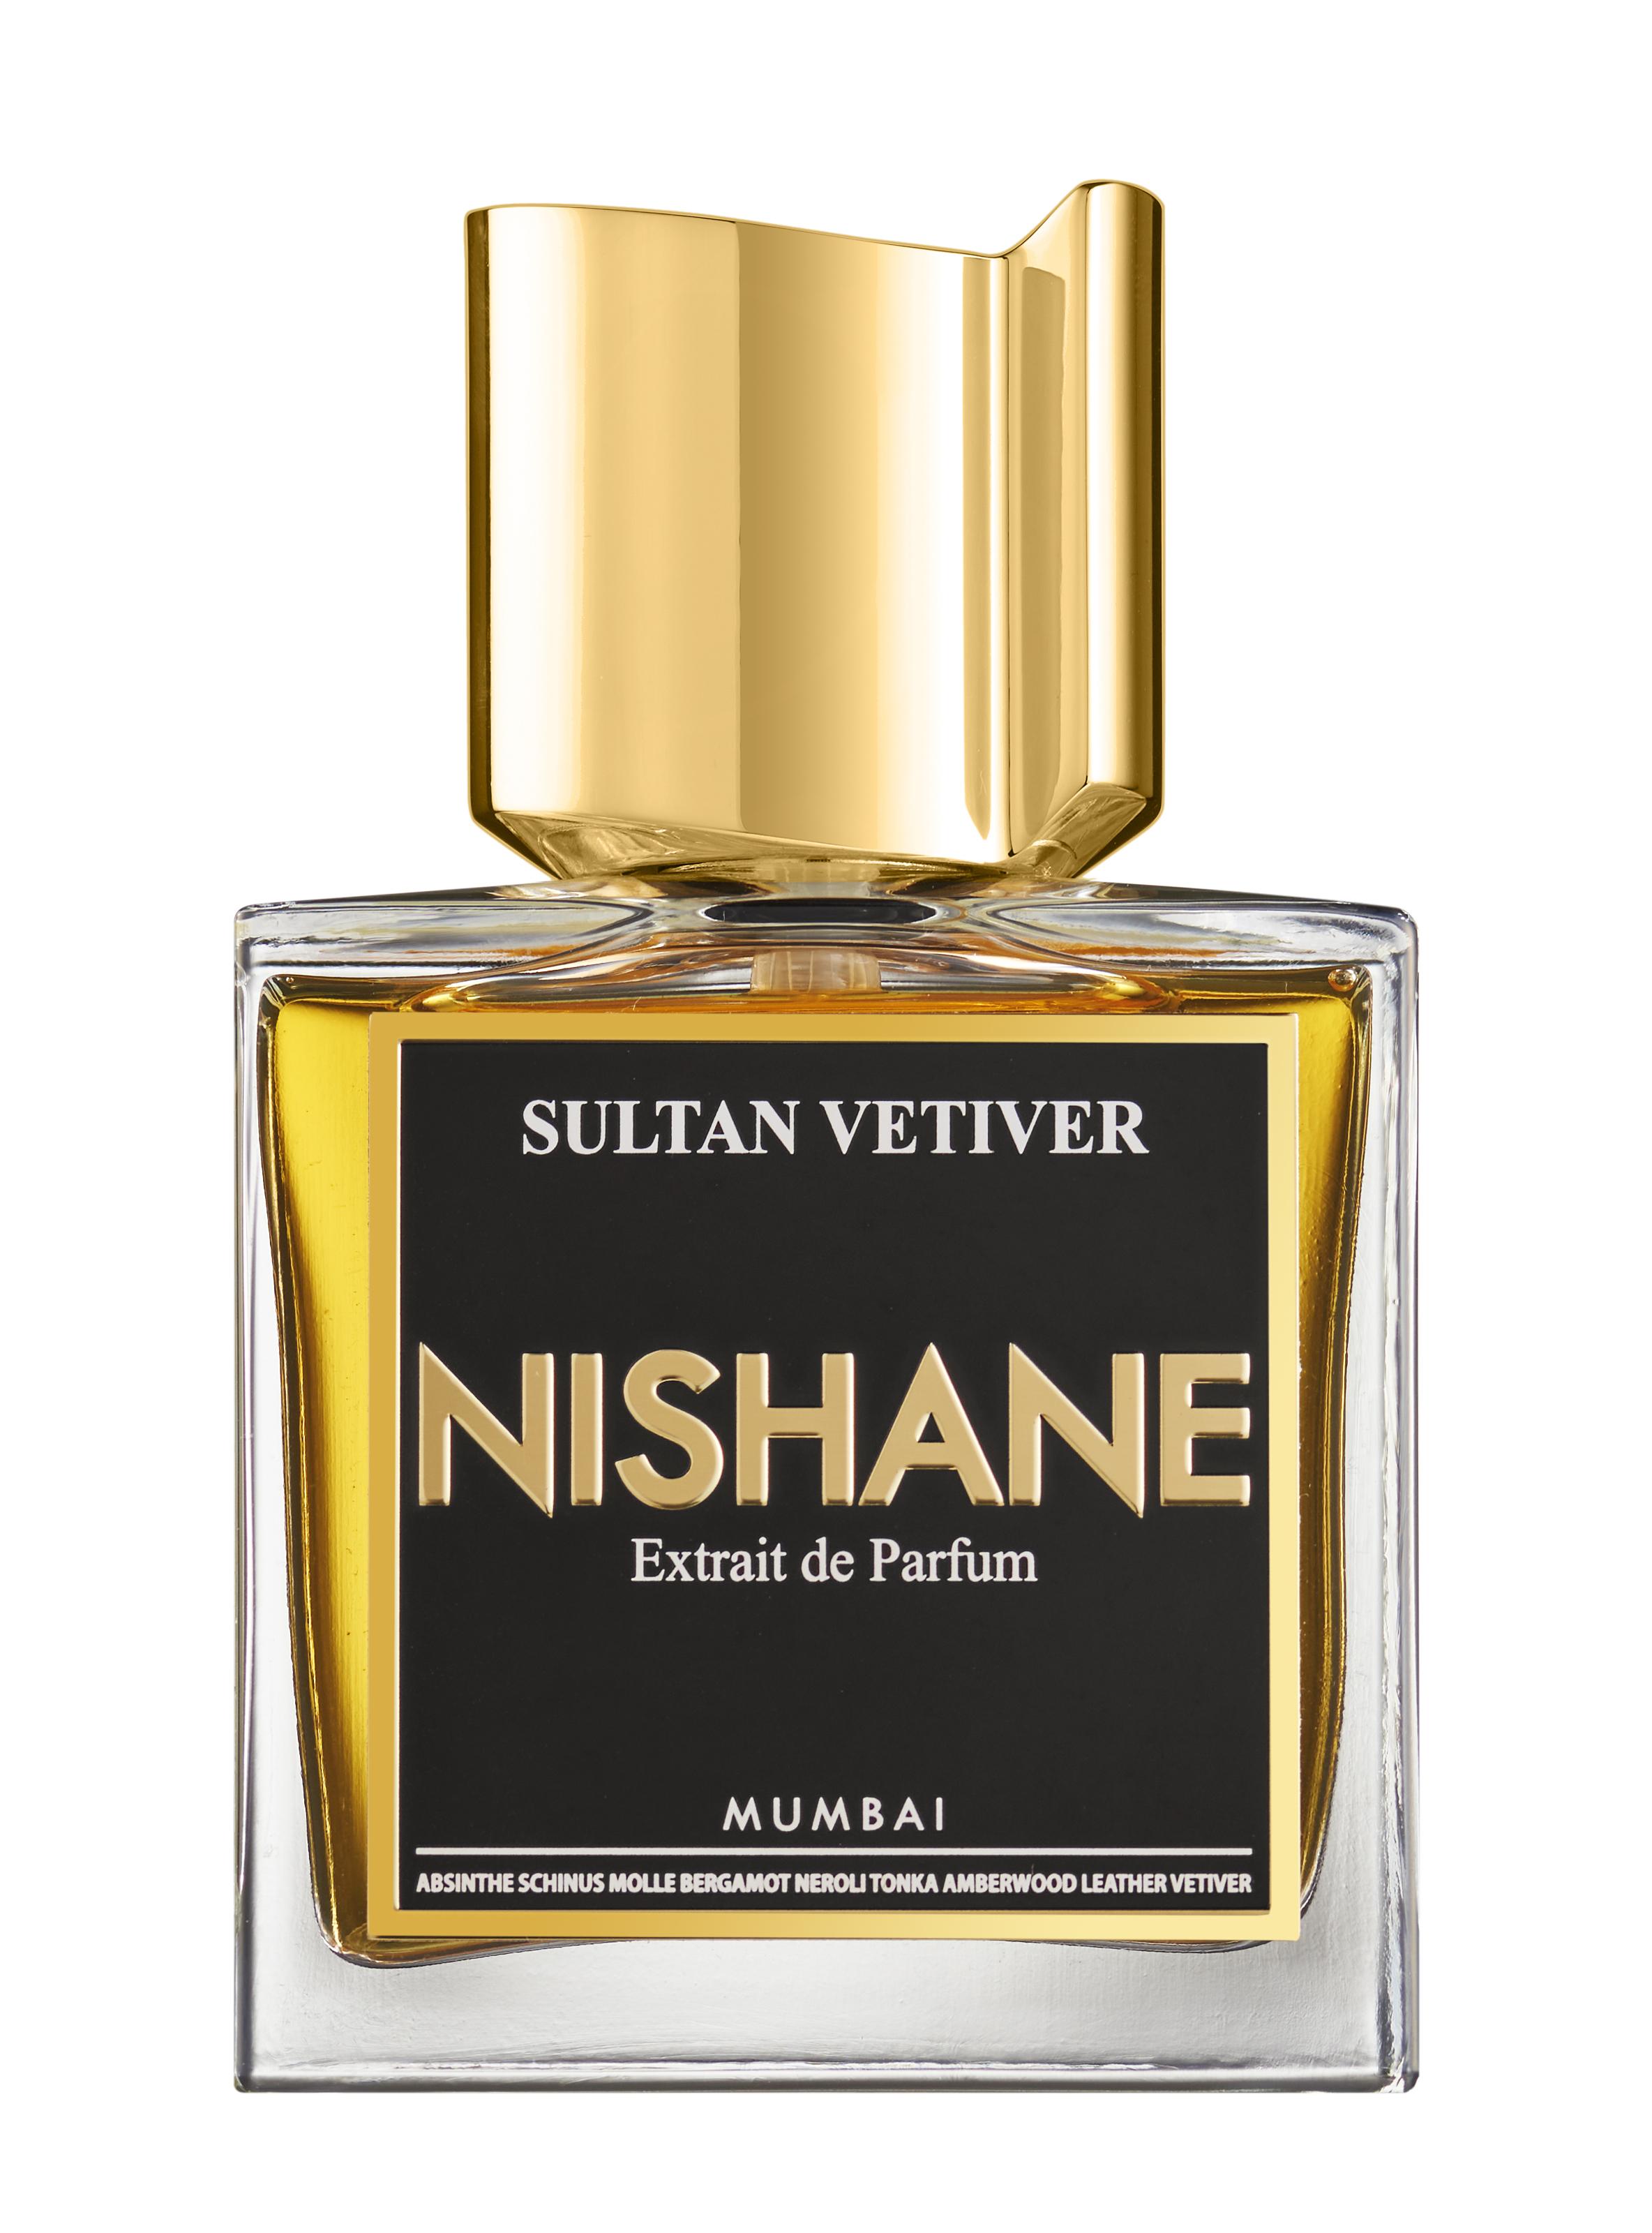 sultan vetiver nishane parfum un parfum pour homme et femme 2013. Black Bedroom Furniture Sets. Home Design Ideas